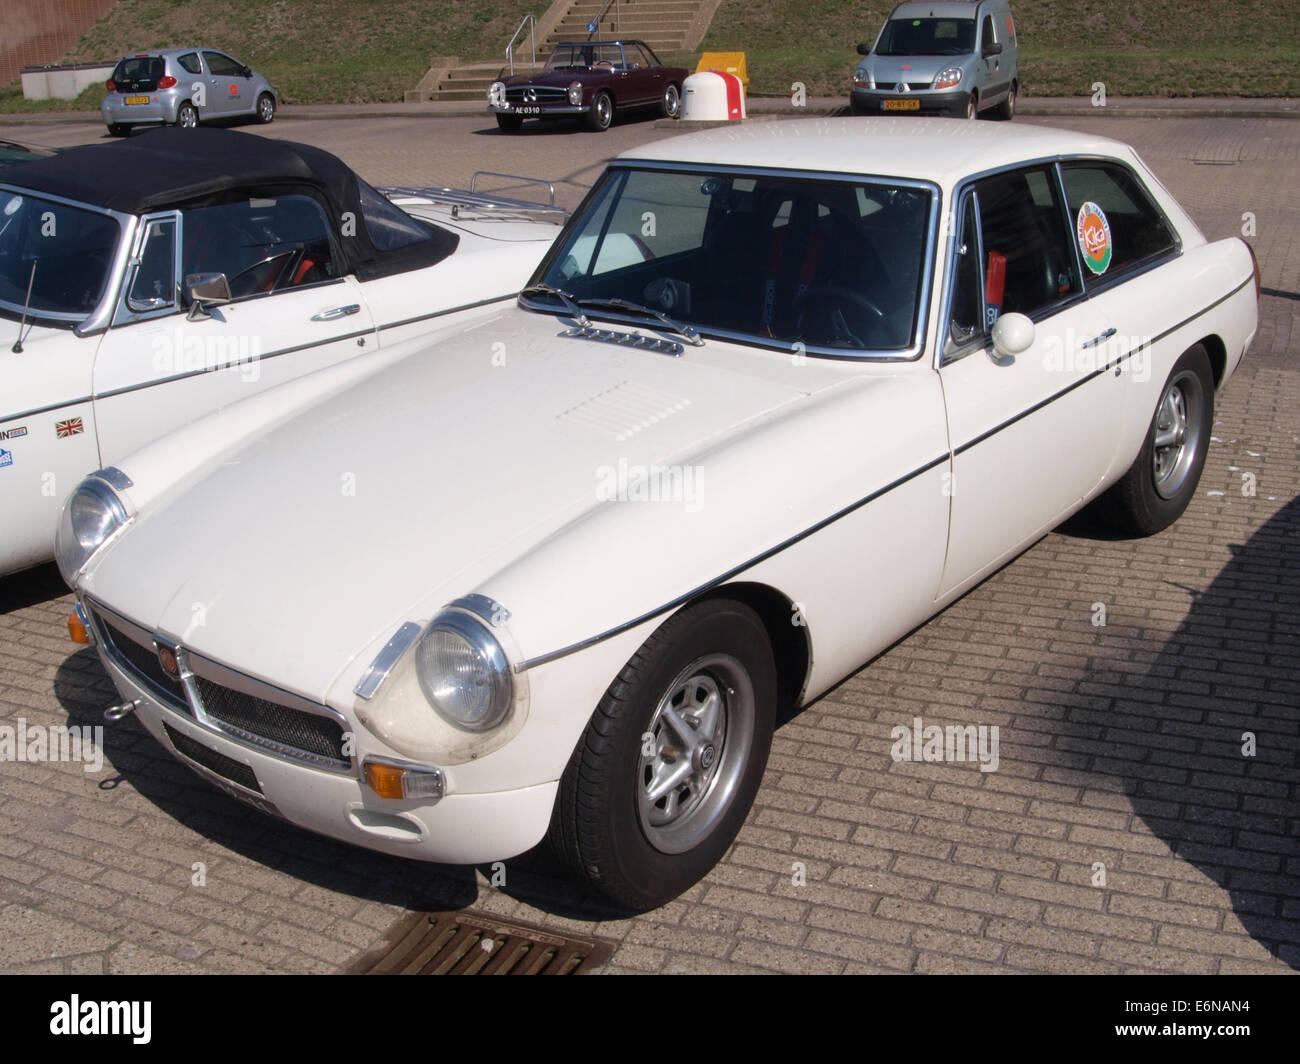 MG B GT (1971), niederländischer Lizenz Registrierung DL-12-11, pic2 Stockbild